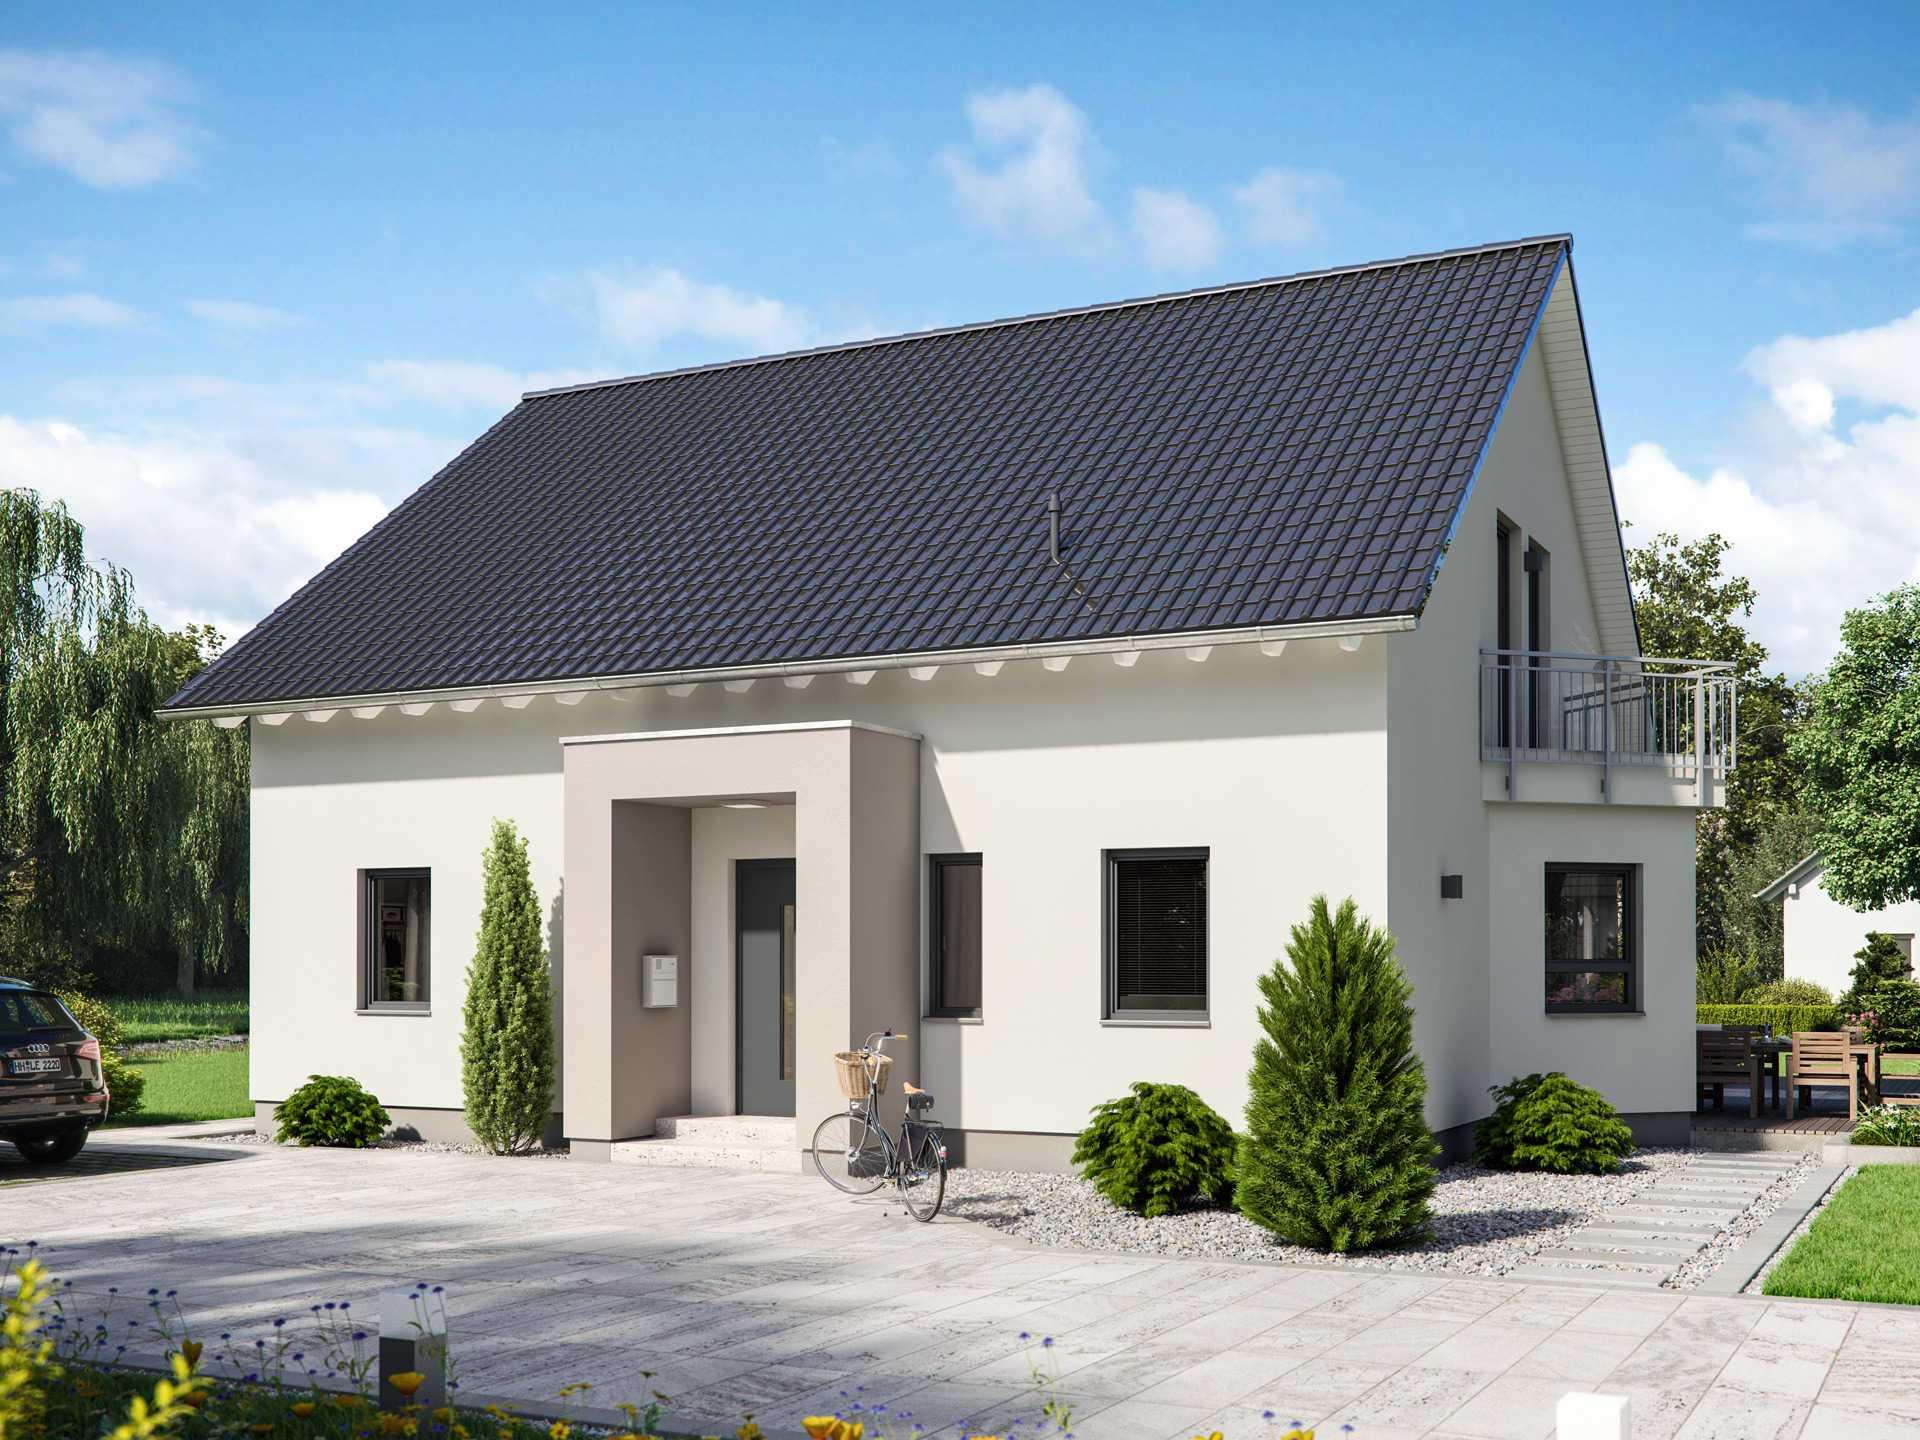 Einfamilienhaus lifestyle 7 massa haus for Einfamilienhaus zweifamilienhaus